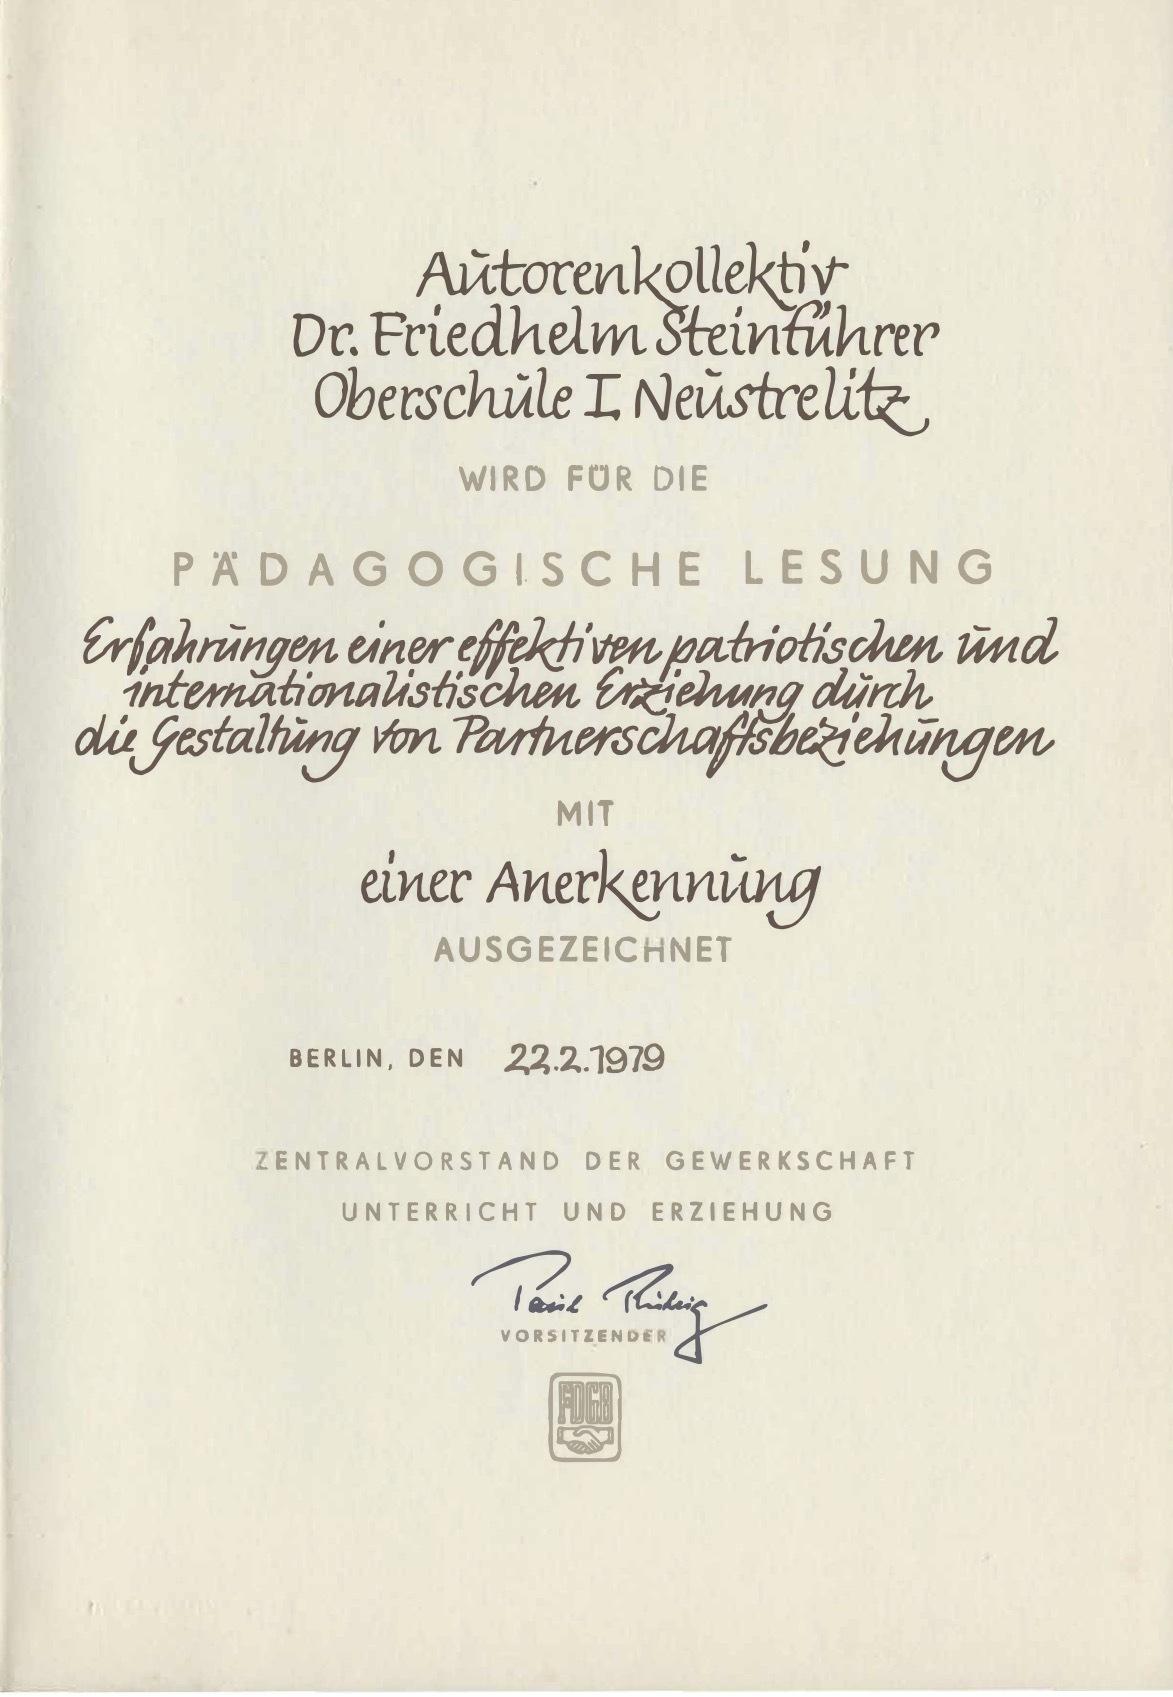 FDGB Ukrunde PL Steinführer_Ausschnitt.jpg